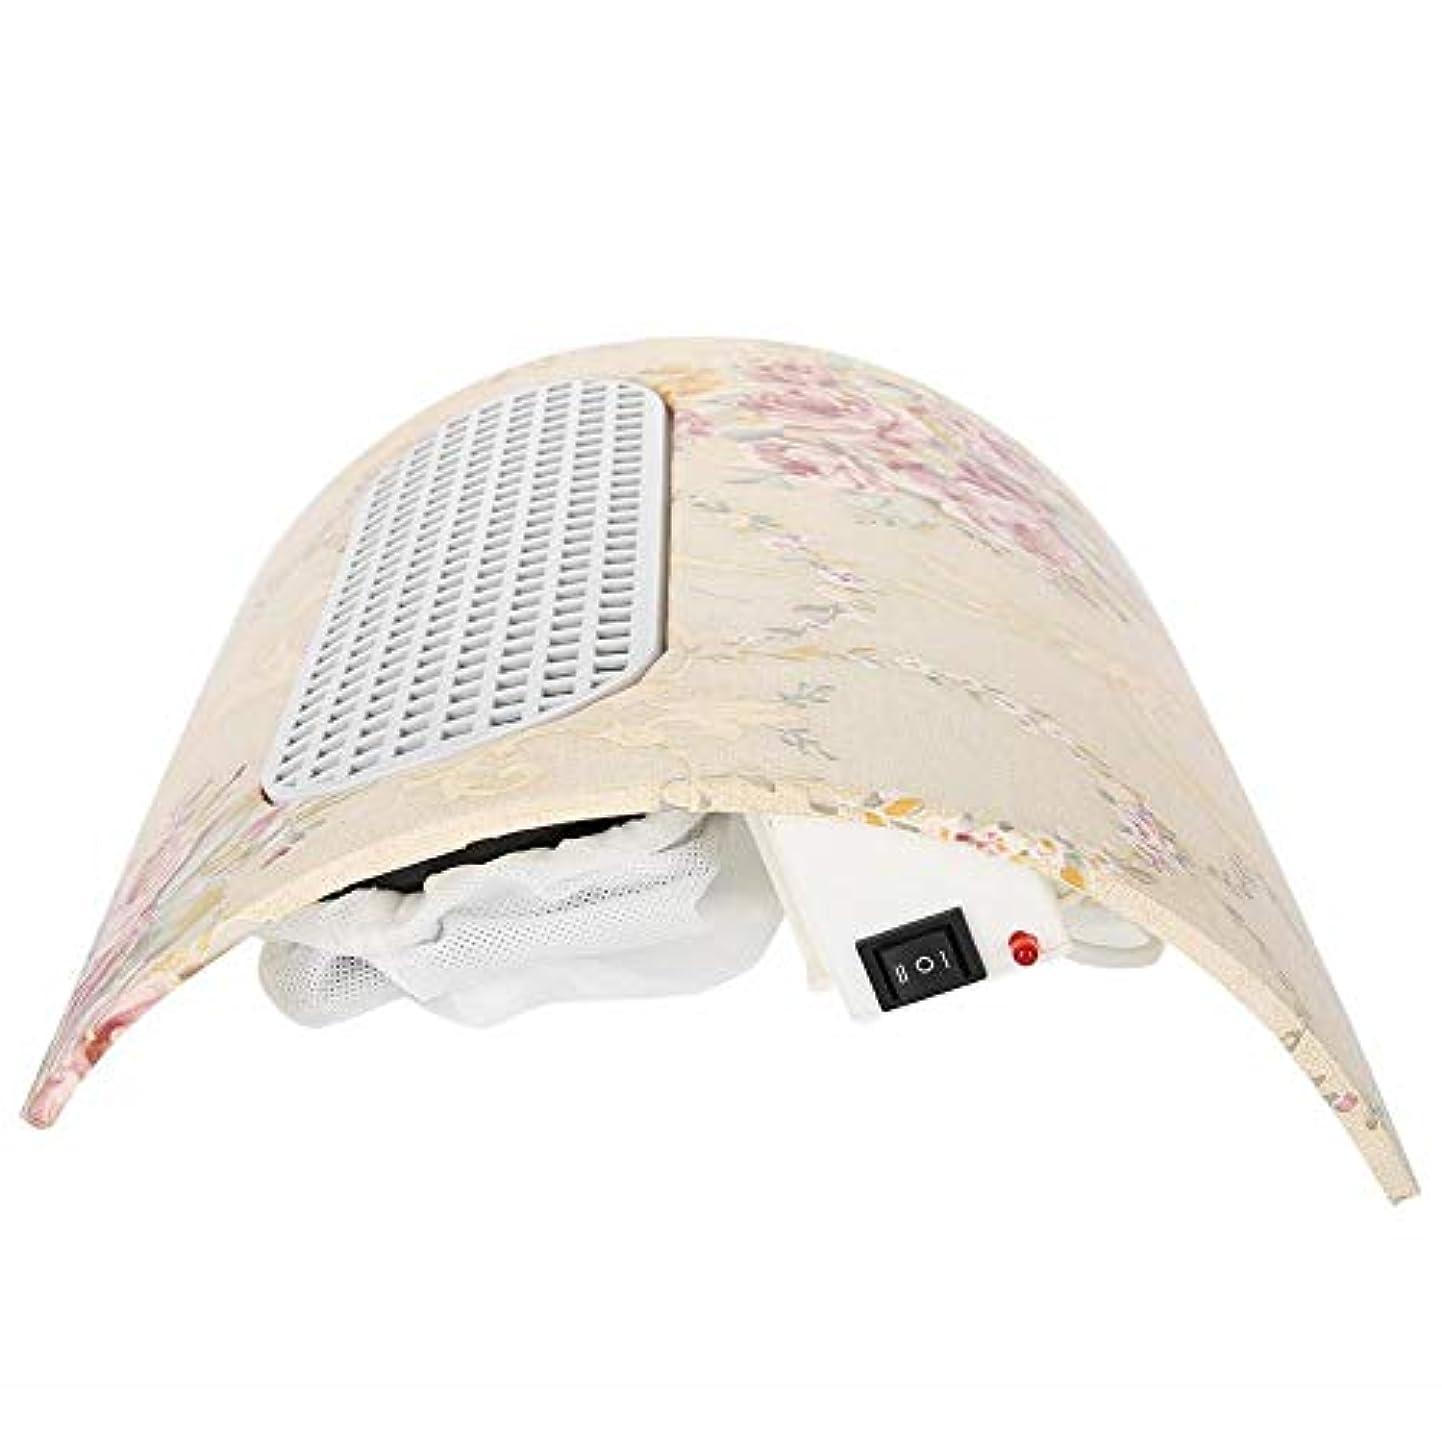 定常モロニックトロリーTOPINCN ネイルダストコレクター 3ファン掃除機ツール ネイルアート ソロンツール 100-240V ネイルサクション(US plug)